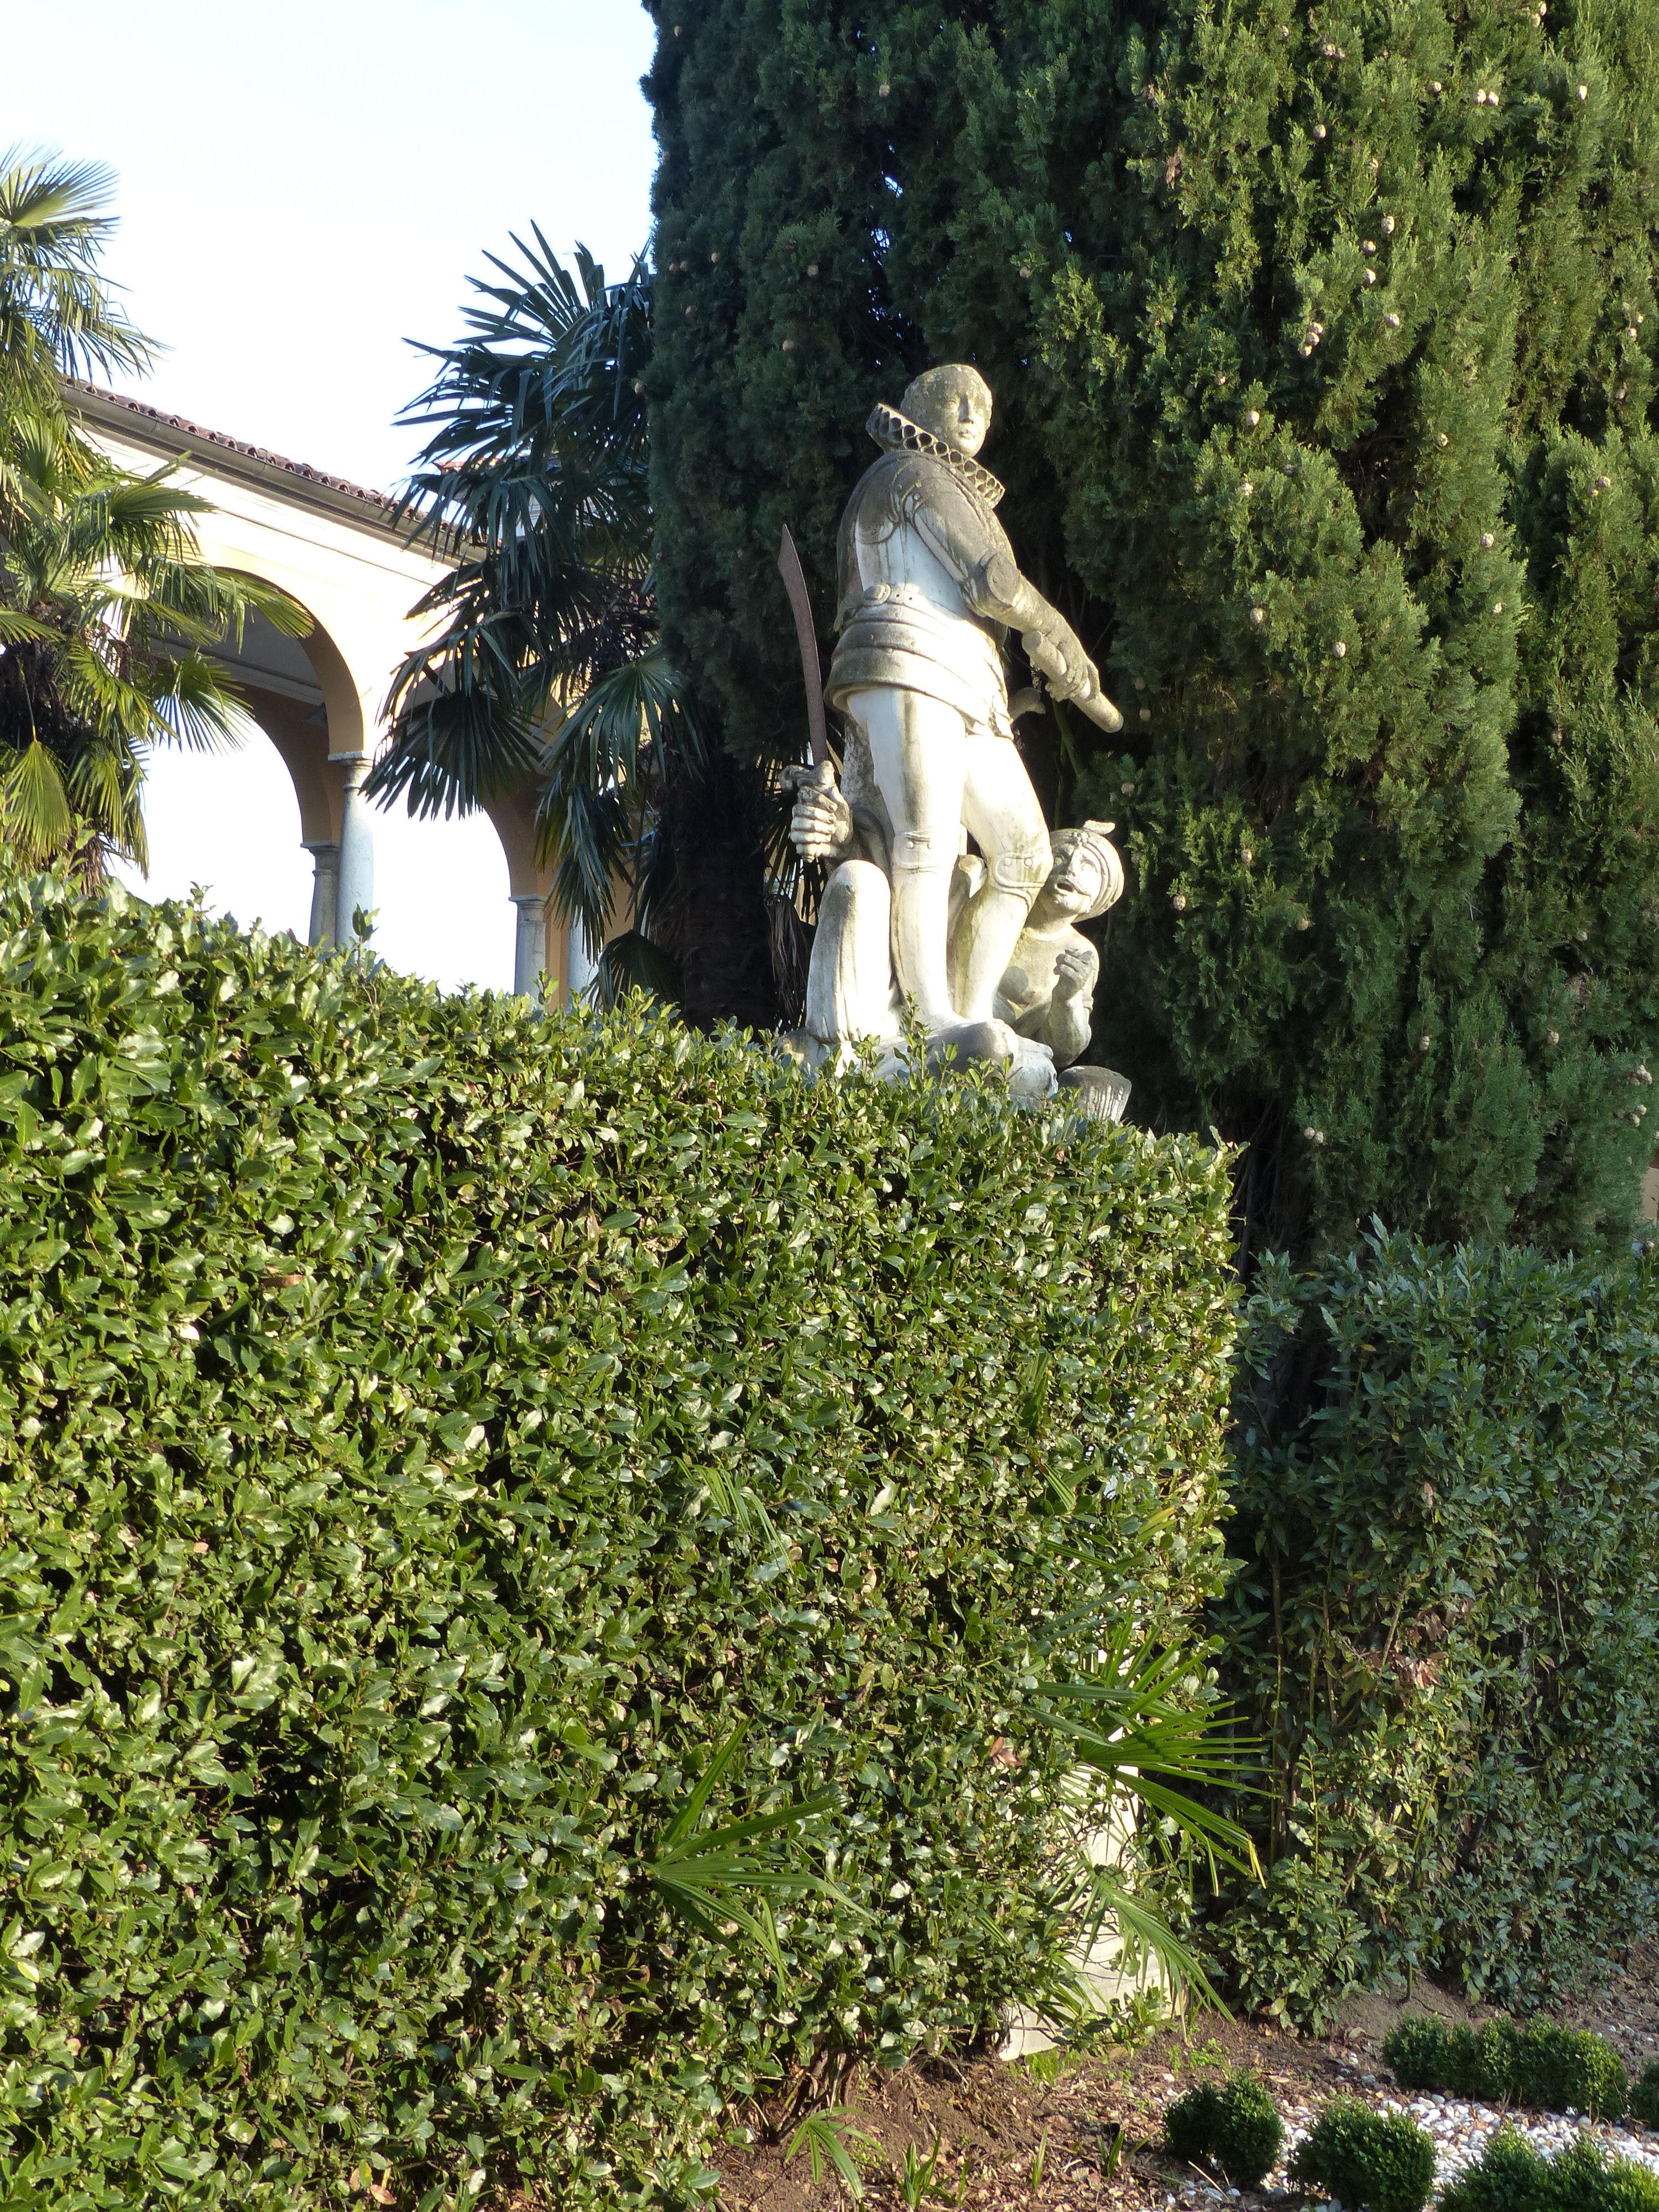 © Dipartimento di Scienze della Vita, Università di Trieste<br>by Andrea Moro<br>Comune di Gorizia, giardino della Villa Coronini Cronberg, GO, Friuli Venezia Giulia, Italia, 20/02/2017<br>Distributed under CC-BY-SA 4.0 license.